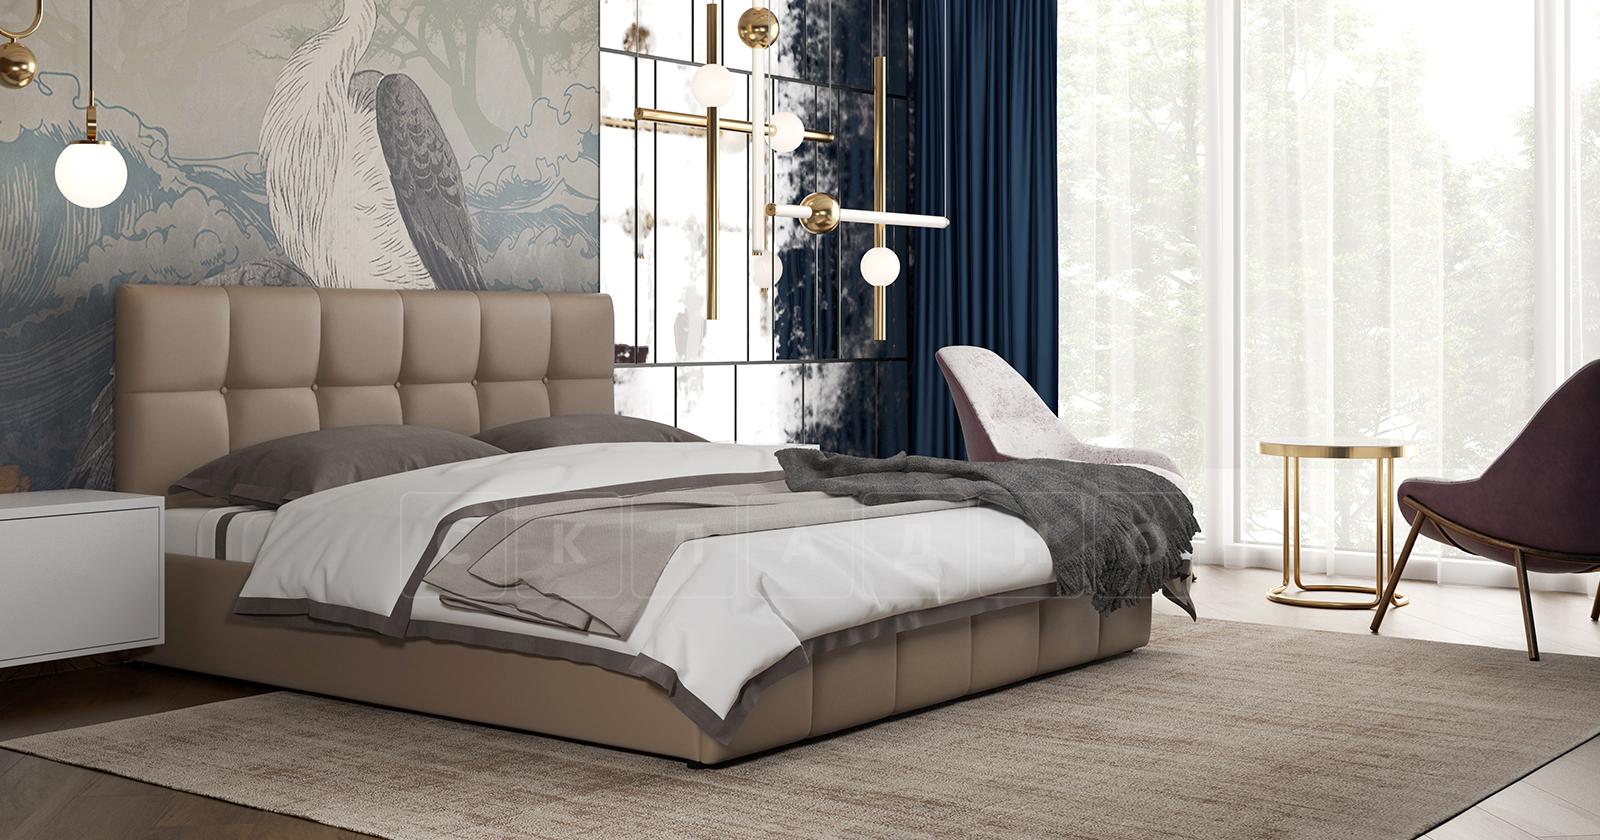 Мягкая кровать Хлоя 160 см капучино с подъемным механизмом фото 4 | интернет-магазин Складно